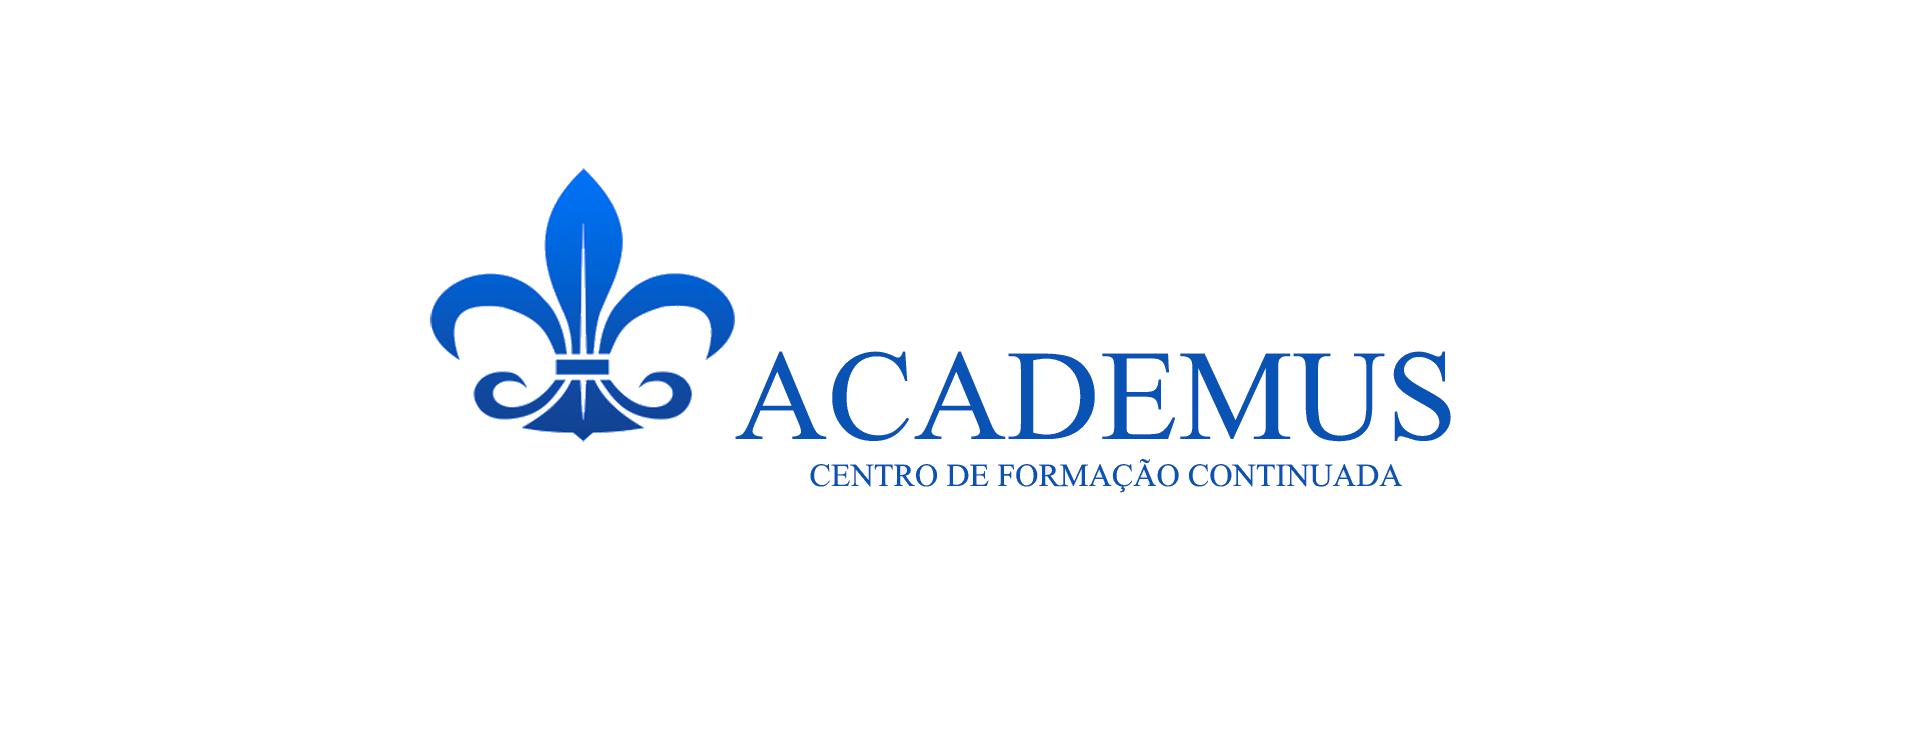 academus